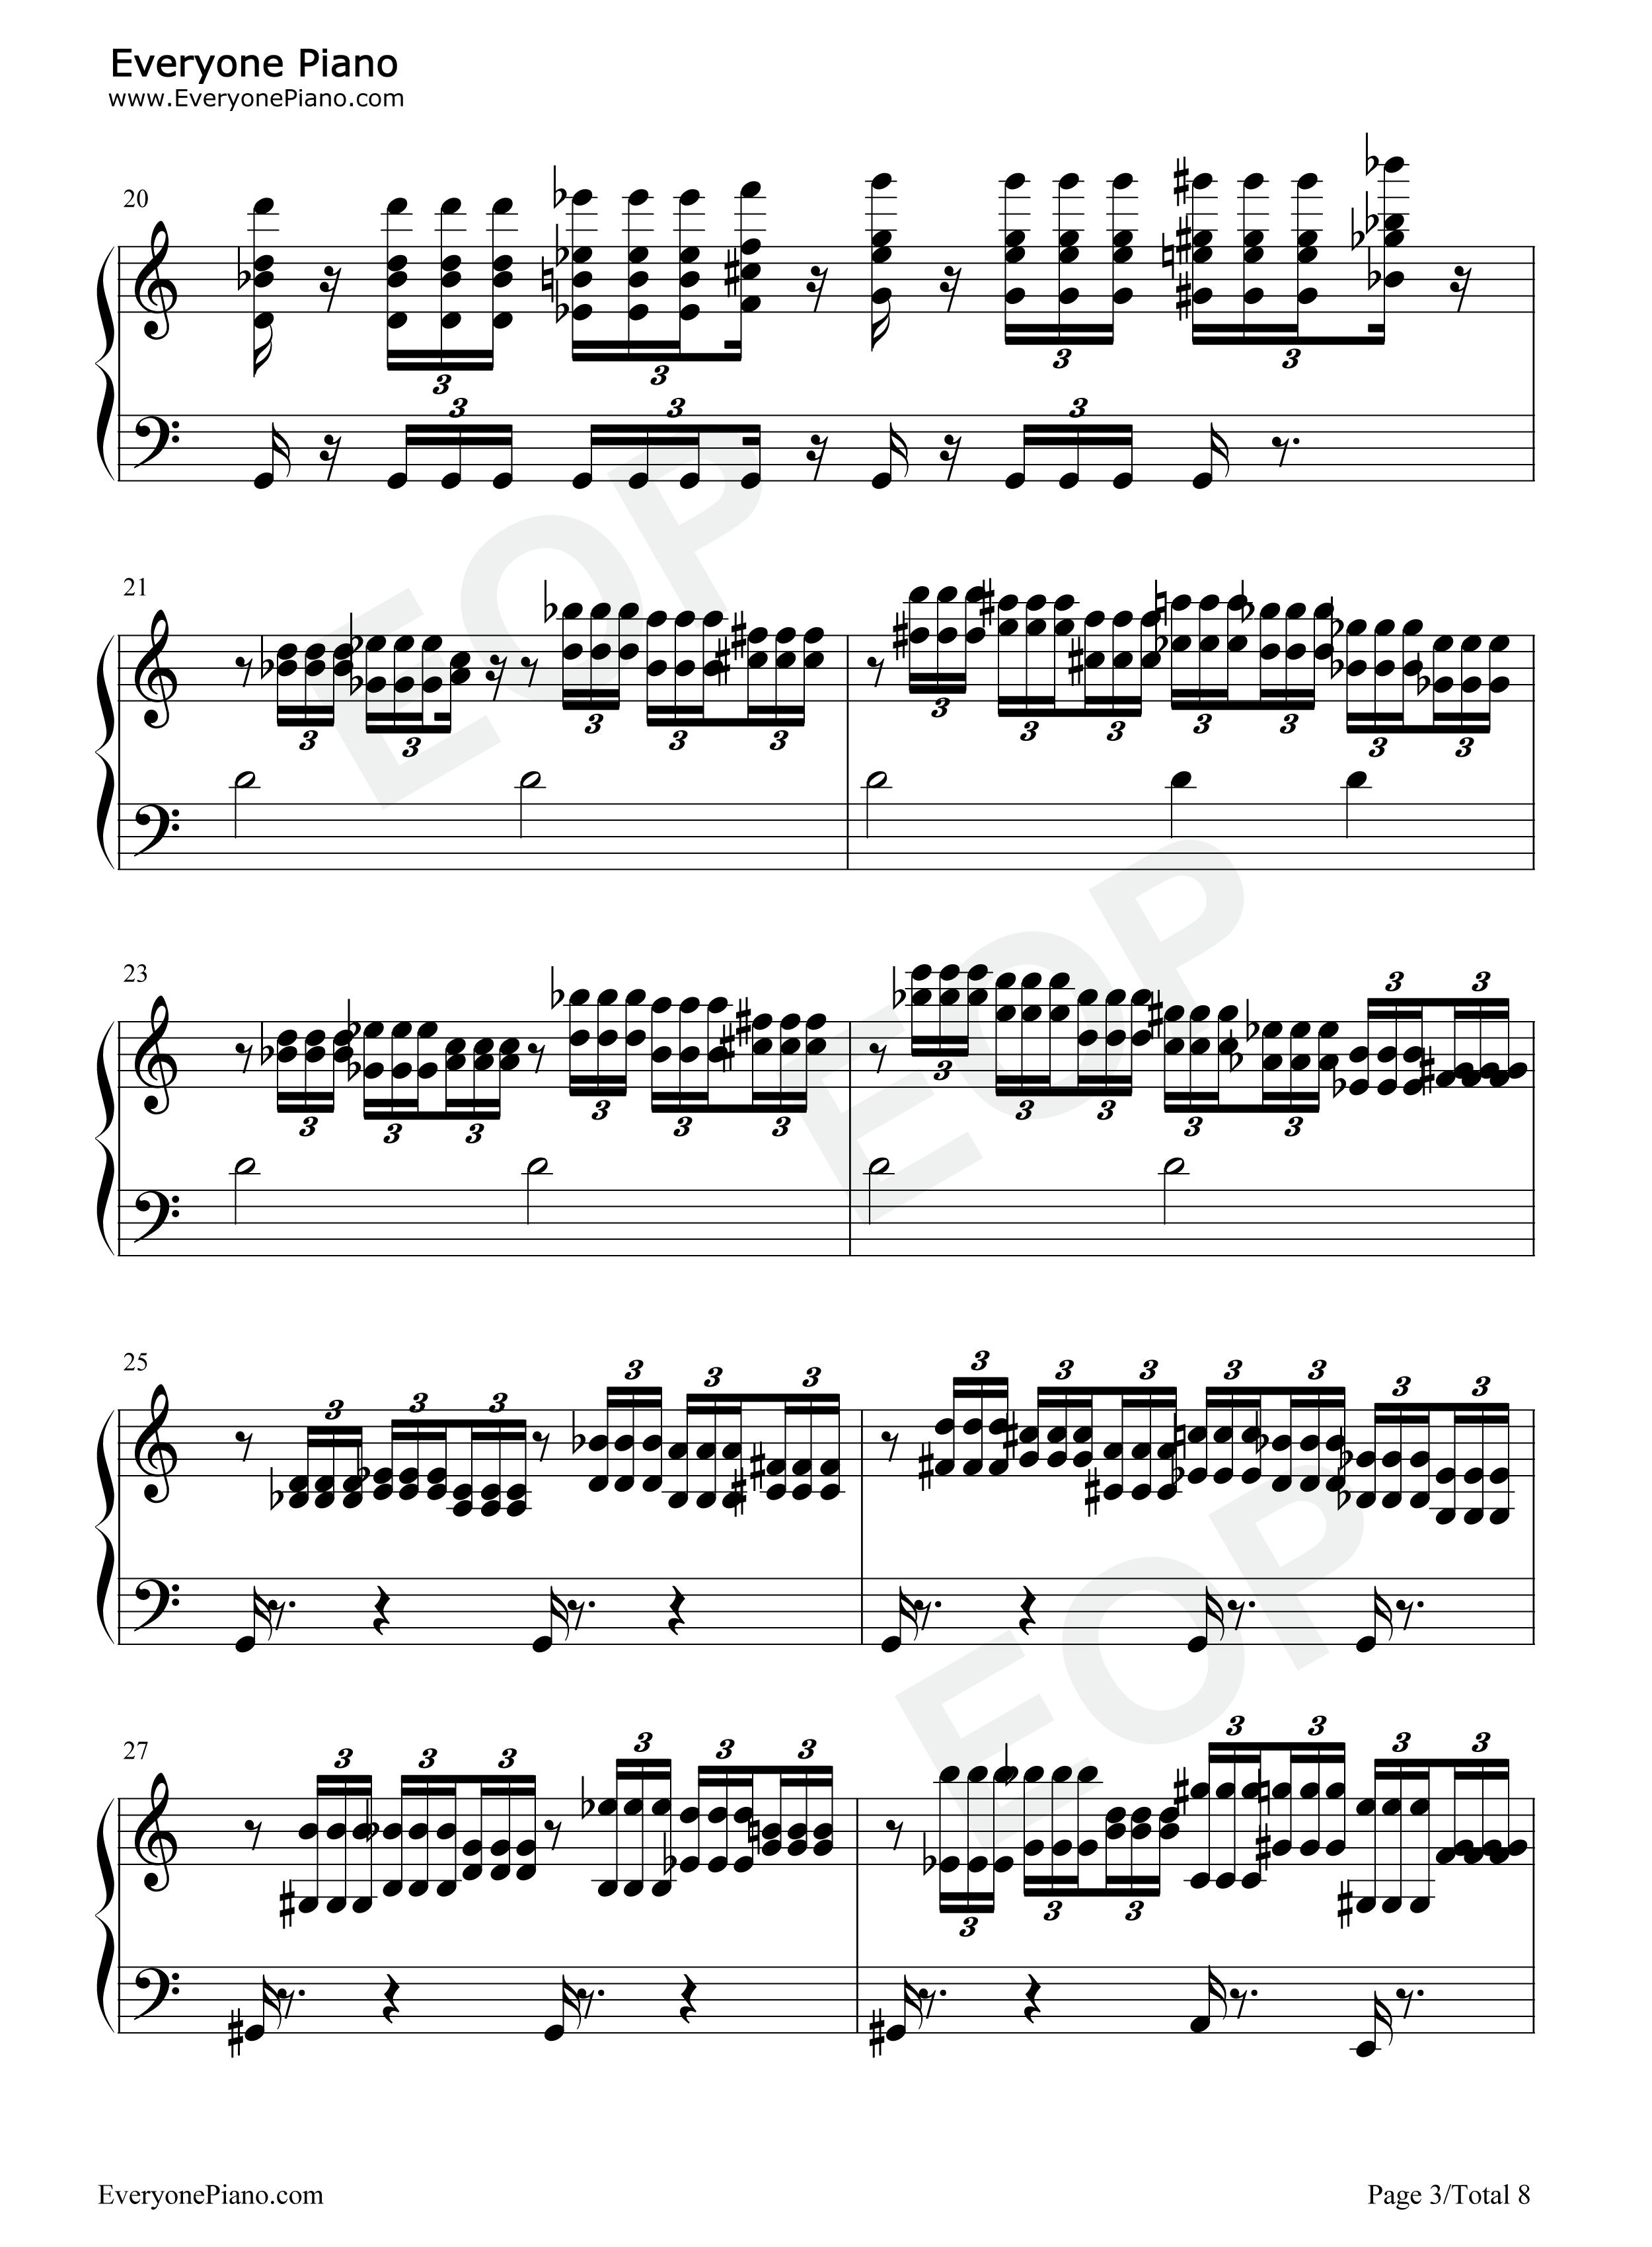 钢琴曲谱 流行 the imperial march-帝国进行曲-星球大战 配乐 the im